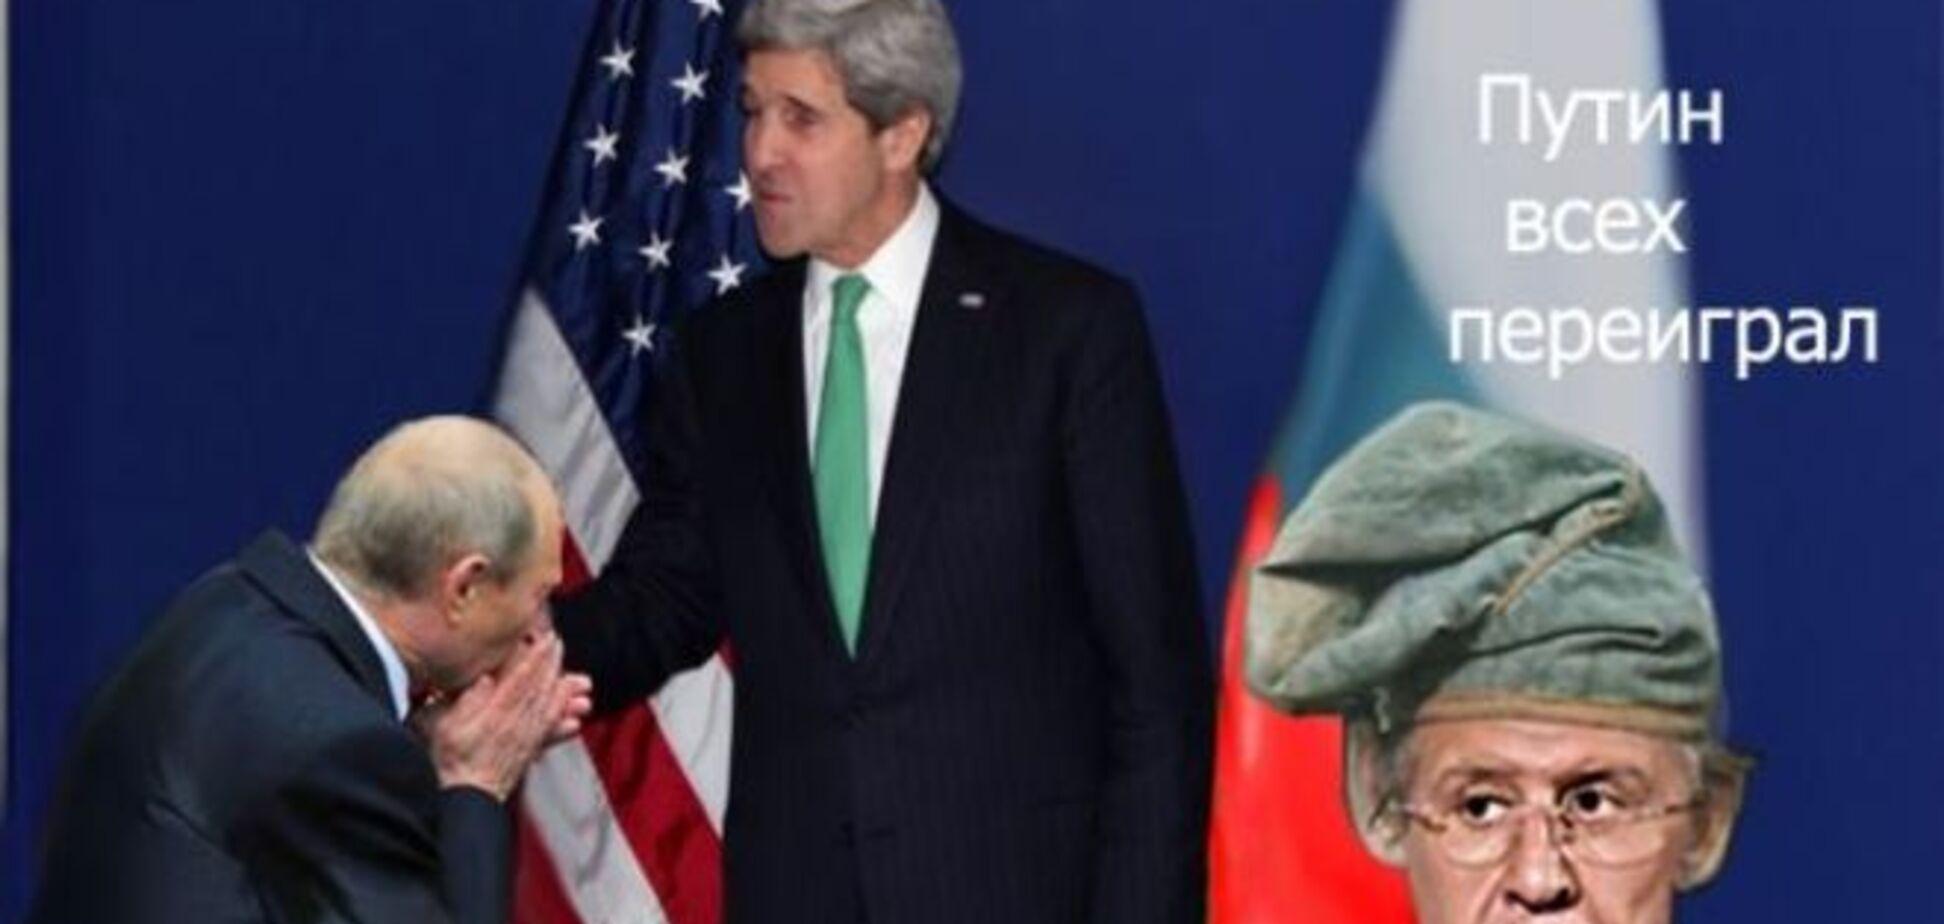 Передал через Керри картошку дочке в США: соцсети 'троллят' Лаврова